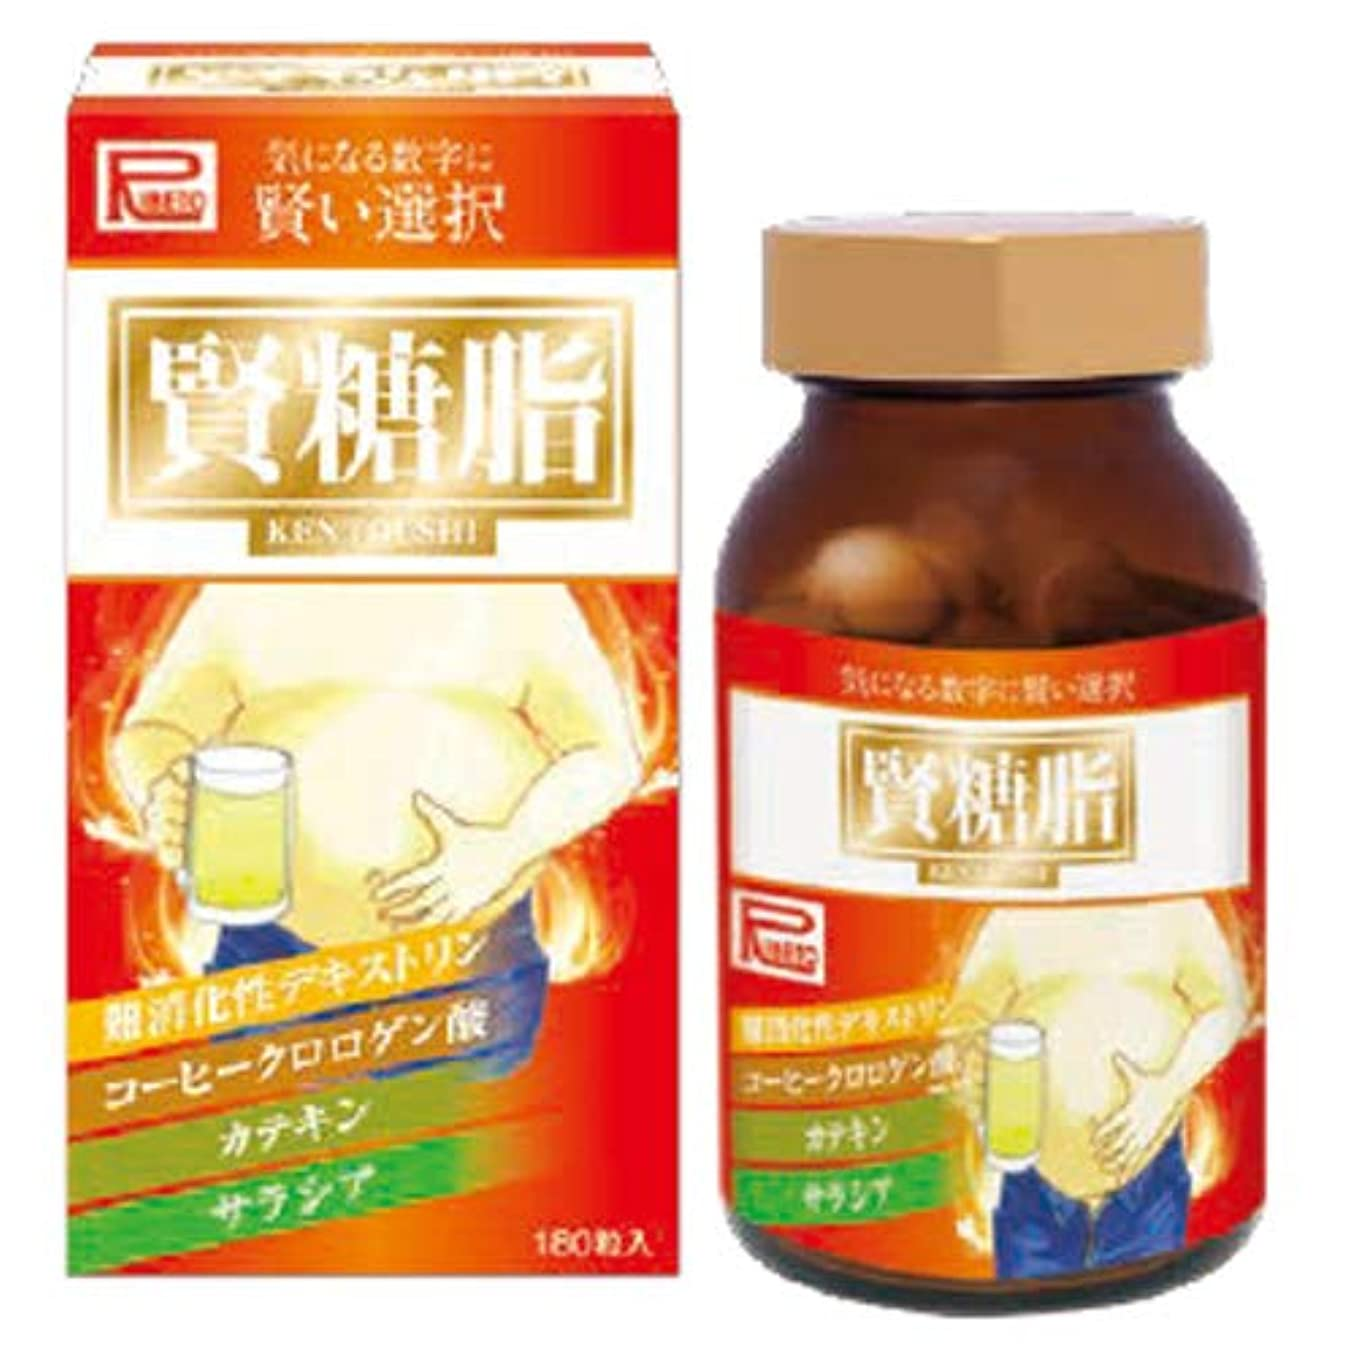 弾薬弓製作賢糖脂(ケントウシ)